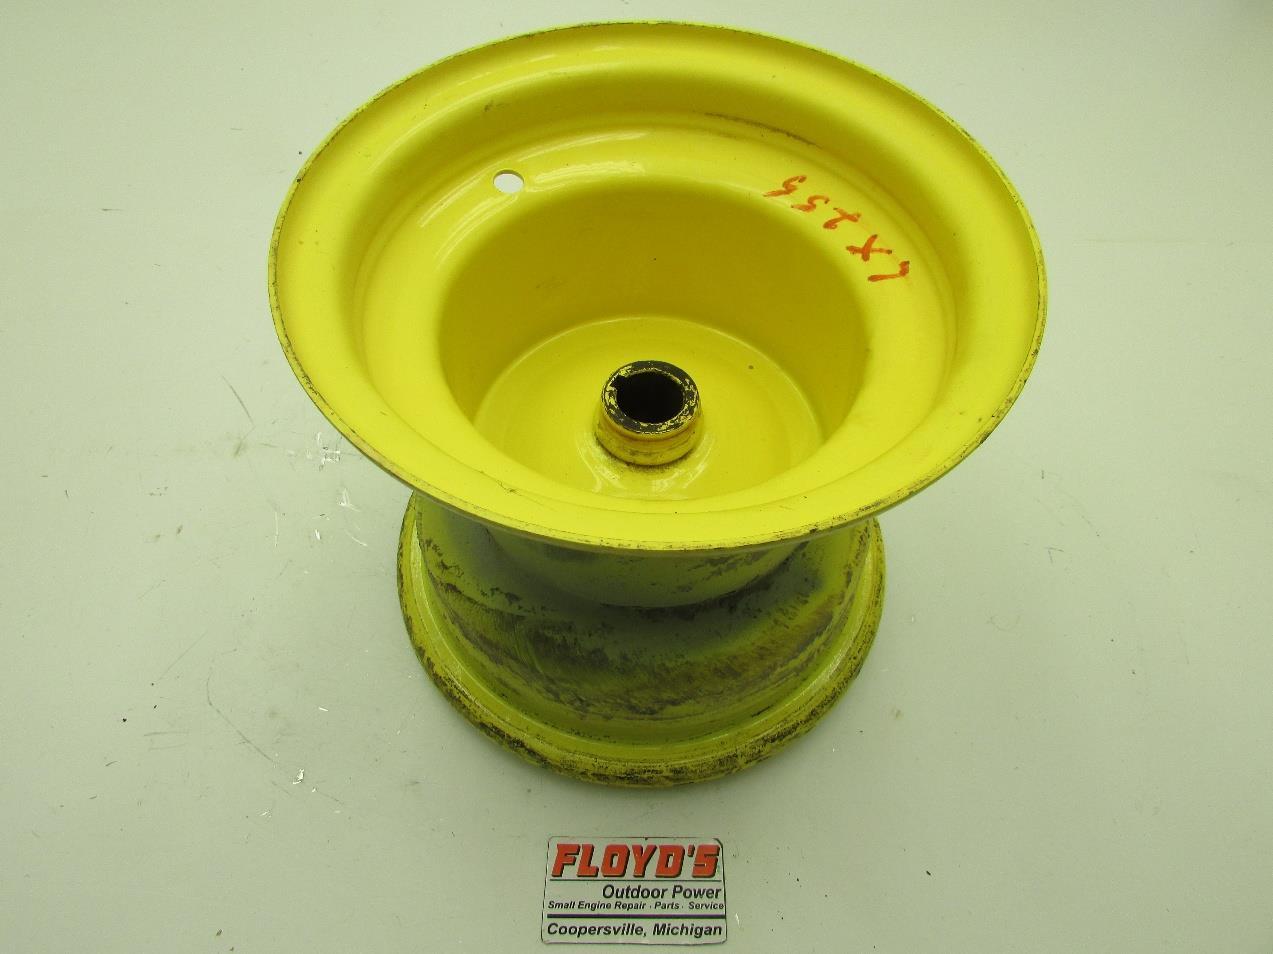 For John Deere Garden Tractor Wheel Rims : John deere lx lawn tractor rear wheel rim am